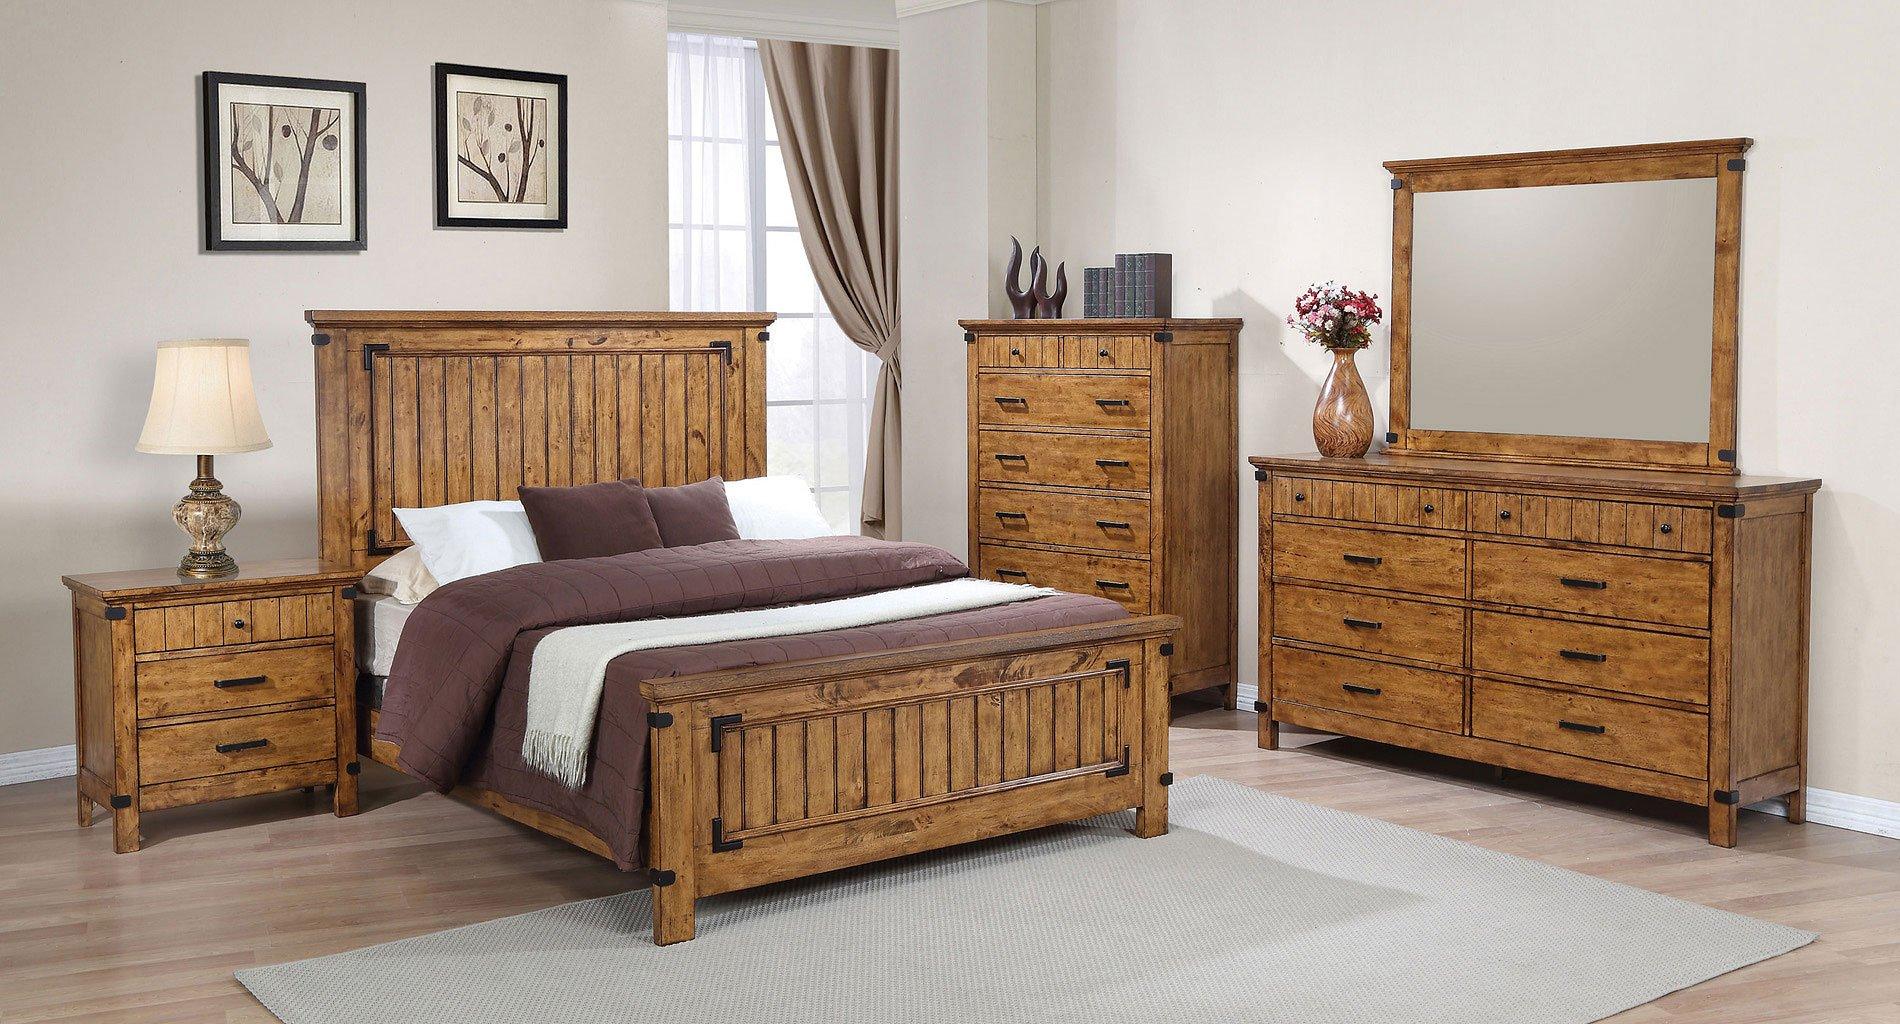 Brenner panel bedroom set coaster furniture 1 reviews furniture cart for Coaster bedroom furniture reviews